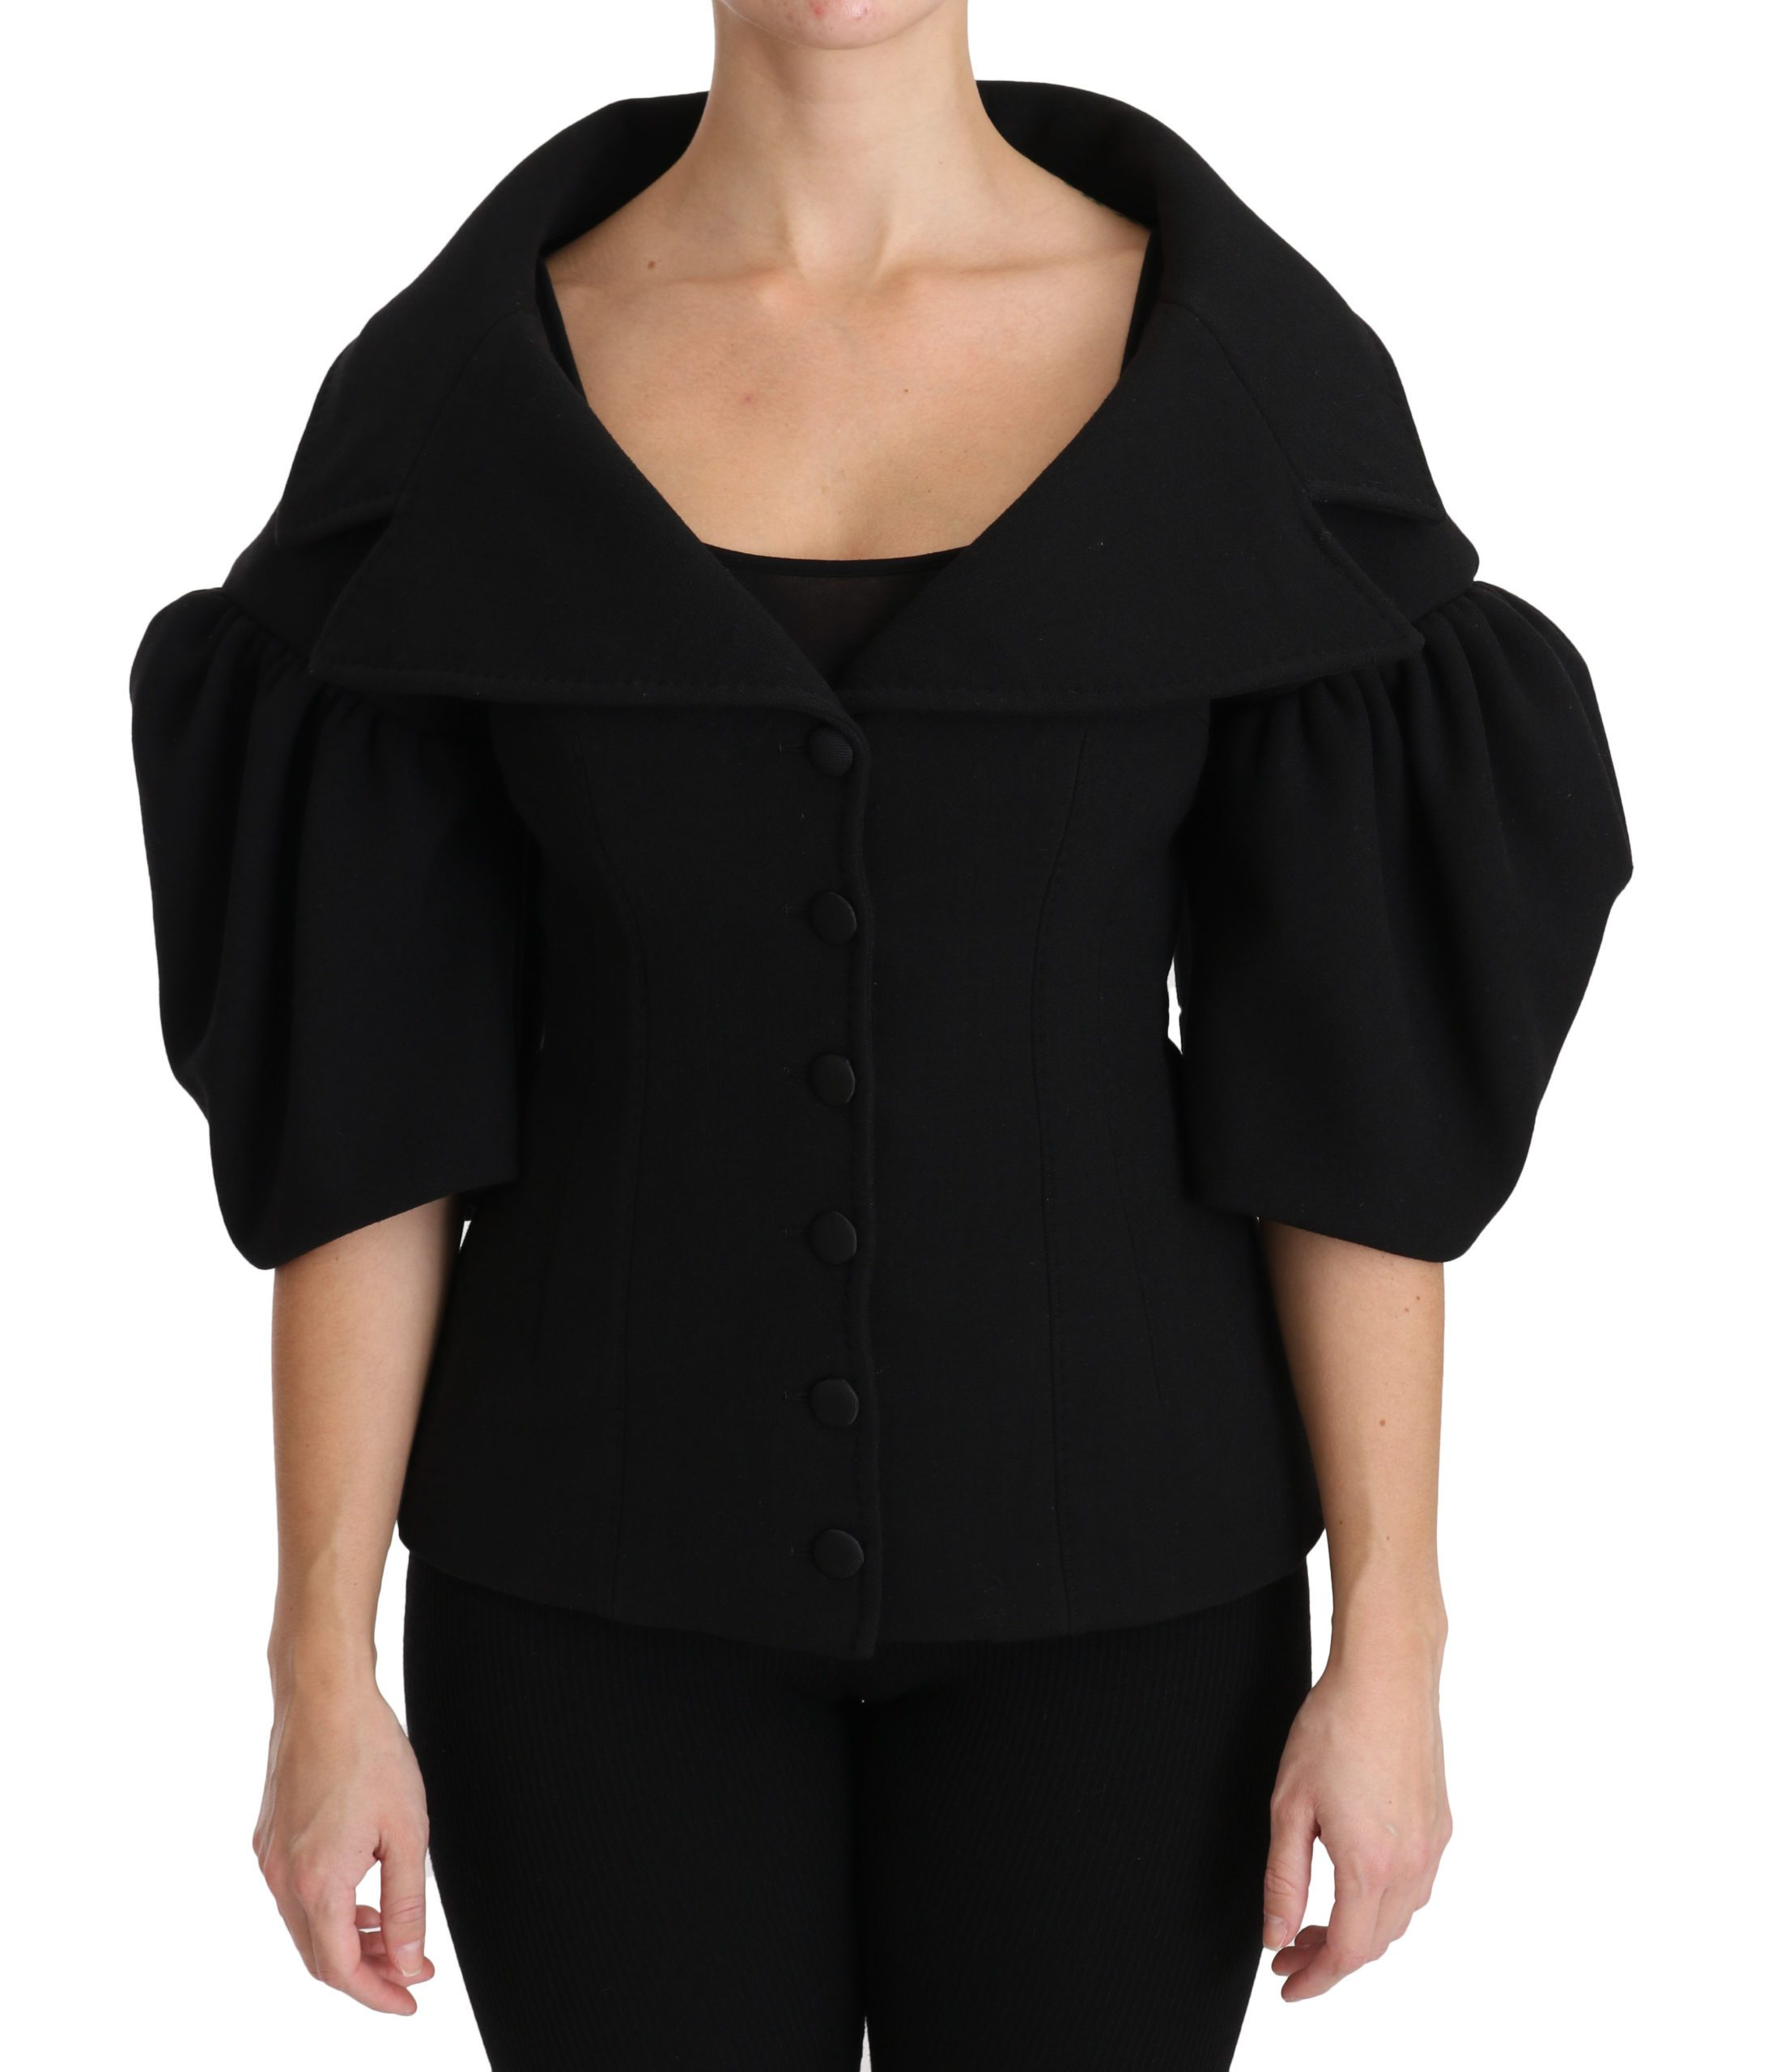 Dolce & Gabbana Women's Formal Virgin Wool Formal Coat Black JKT2486 - IT40 S